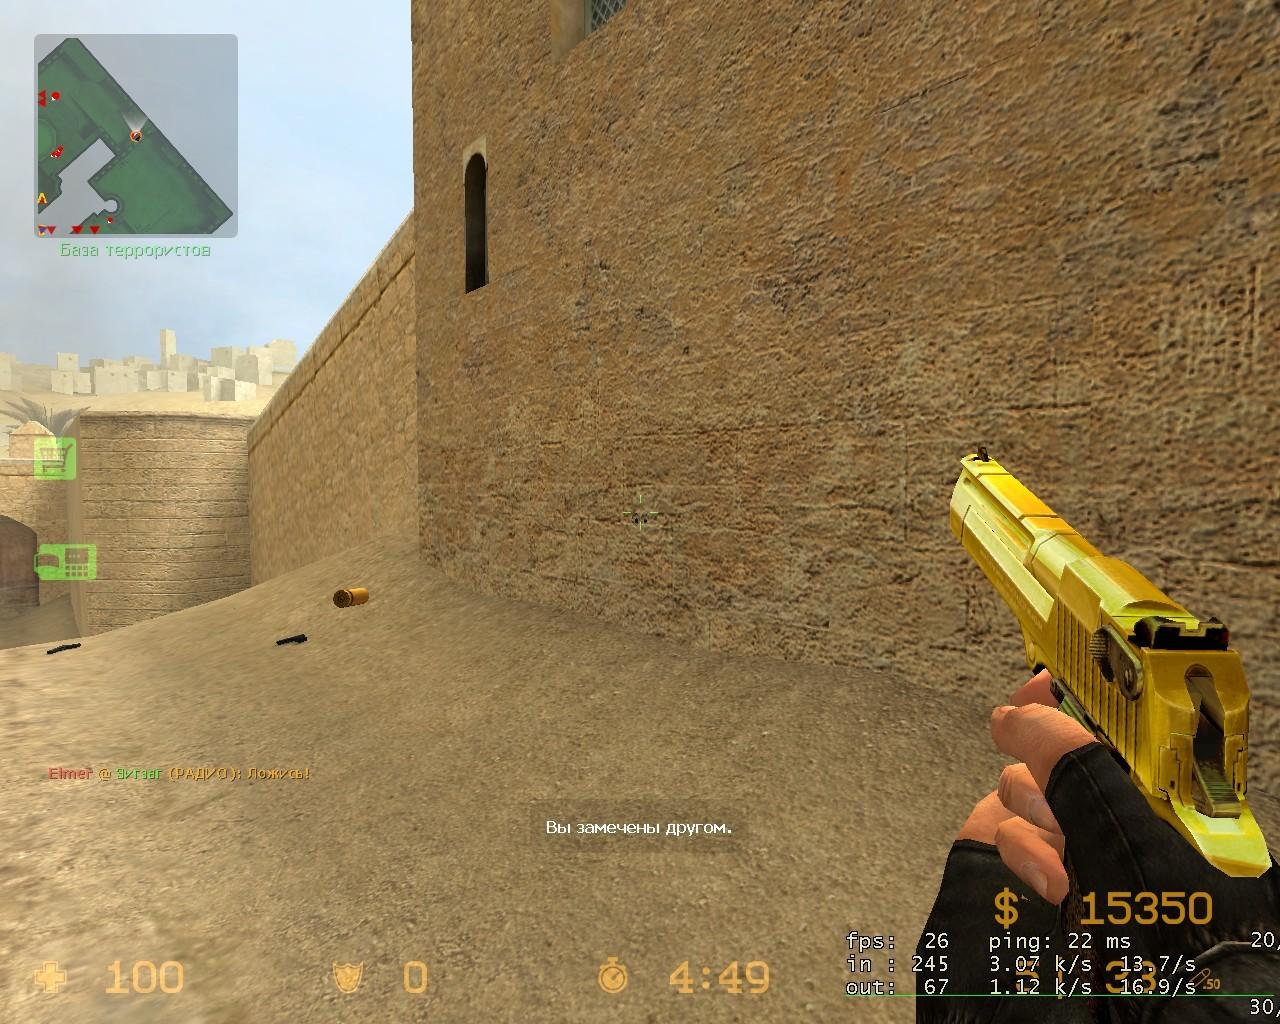 دانلود اسکین Desert | golden Deagle برای کانتر سورس